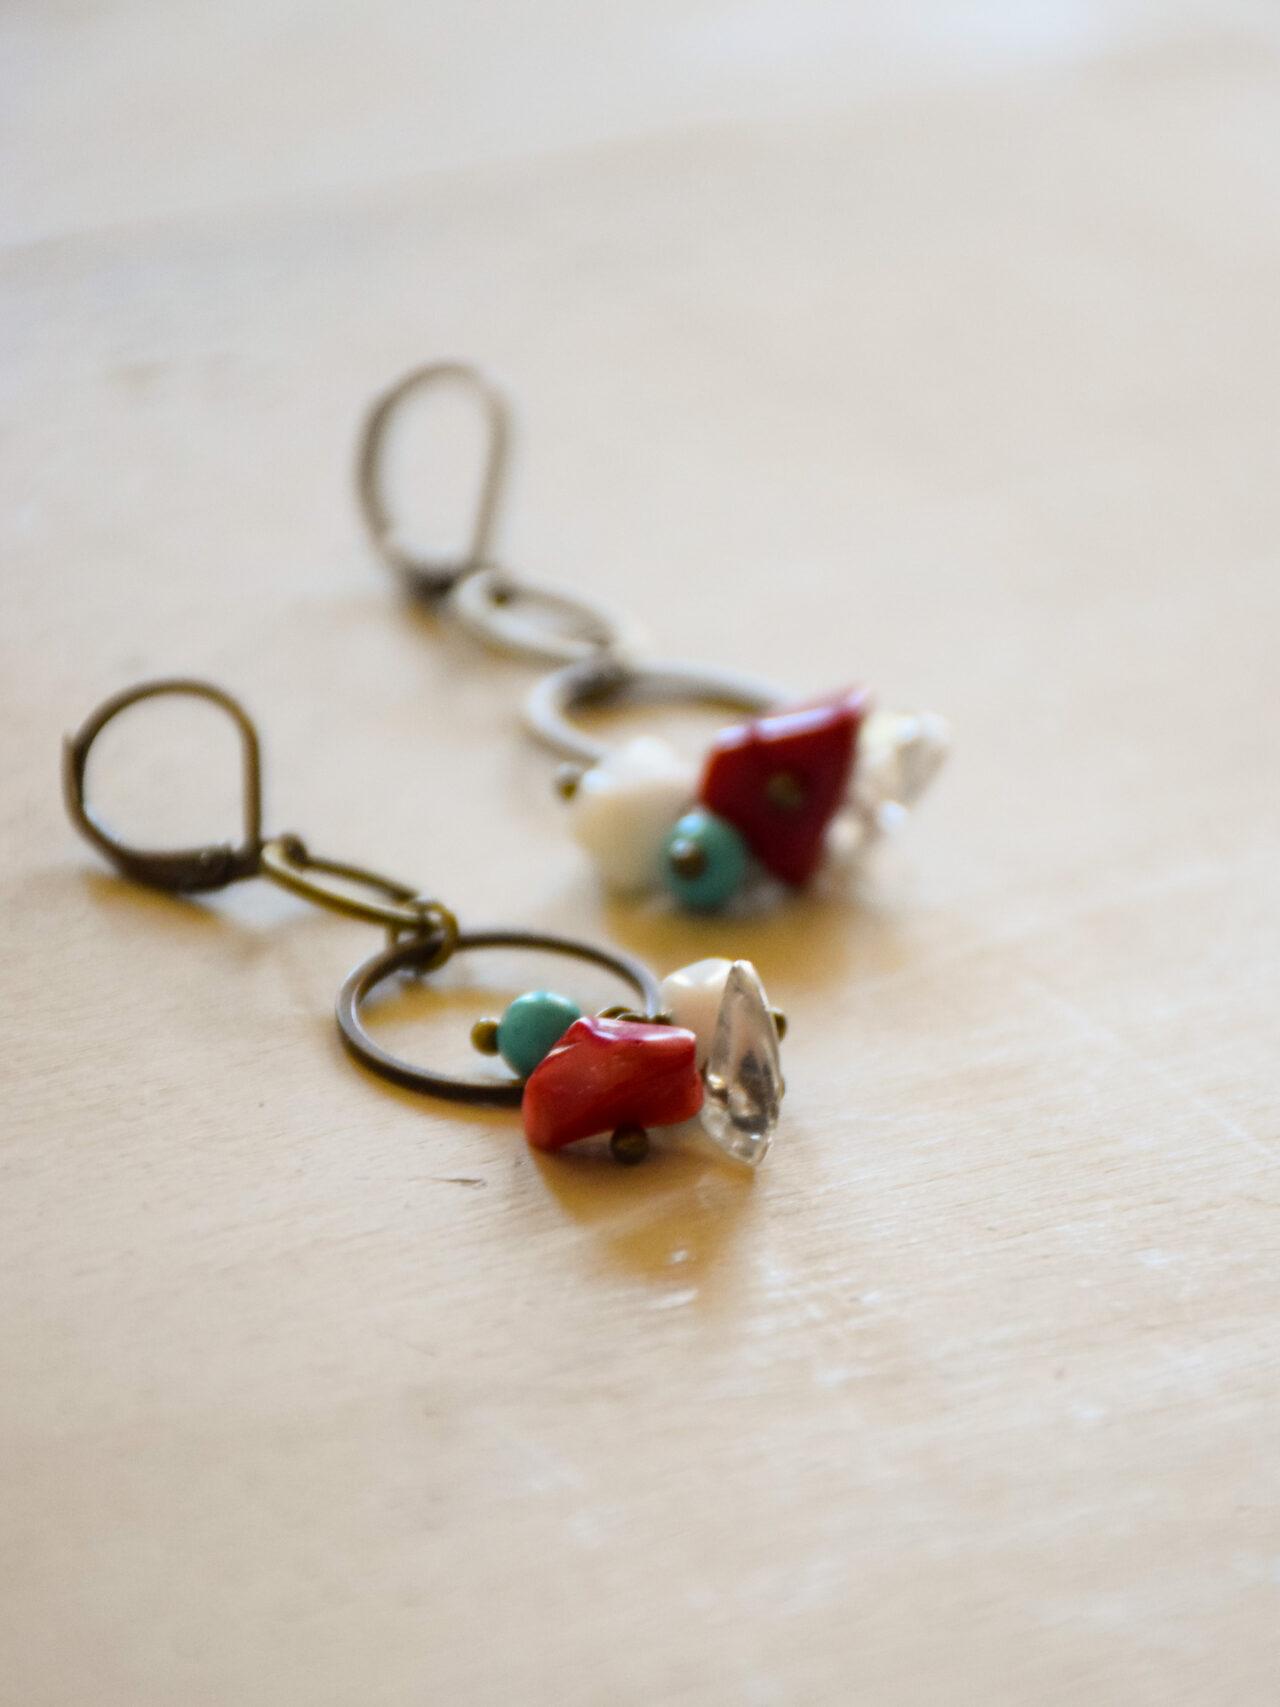 boucles-d-oreilles-la-tzigane-creation-de-bijoux-par-les-delires-de-lolotte